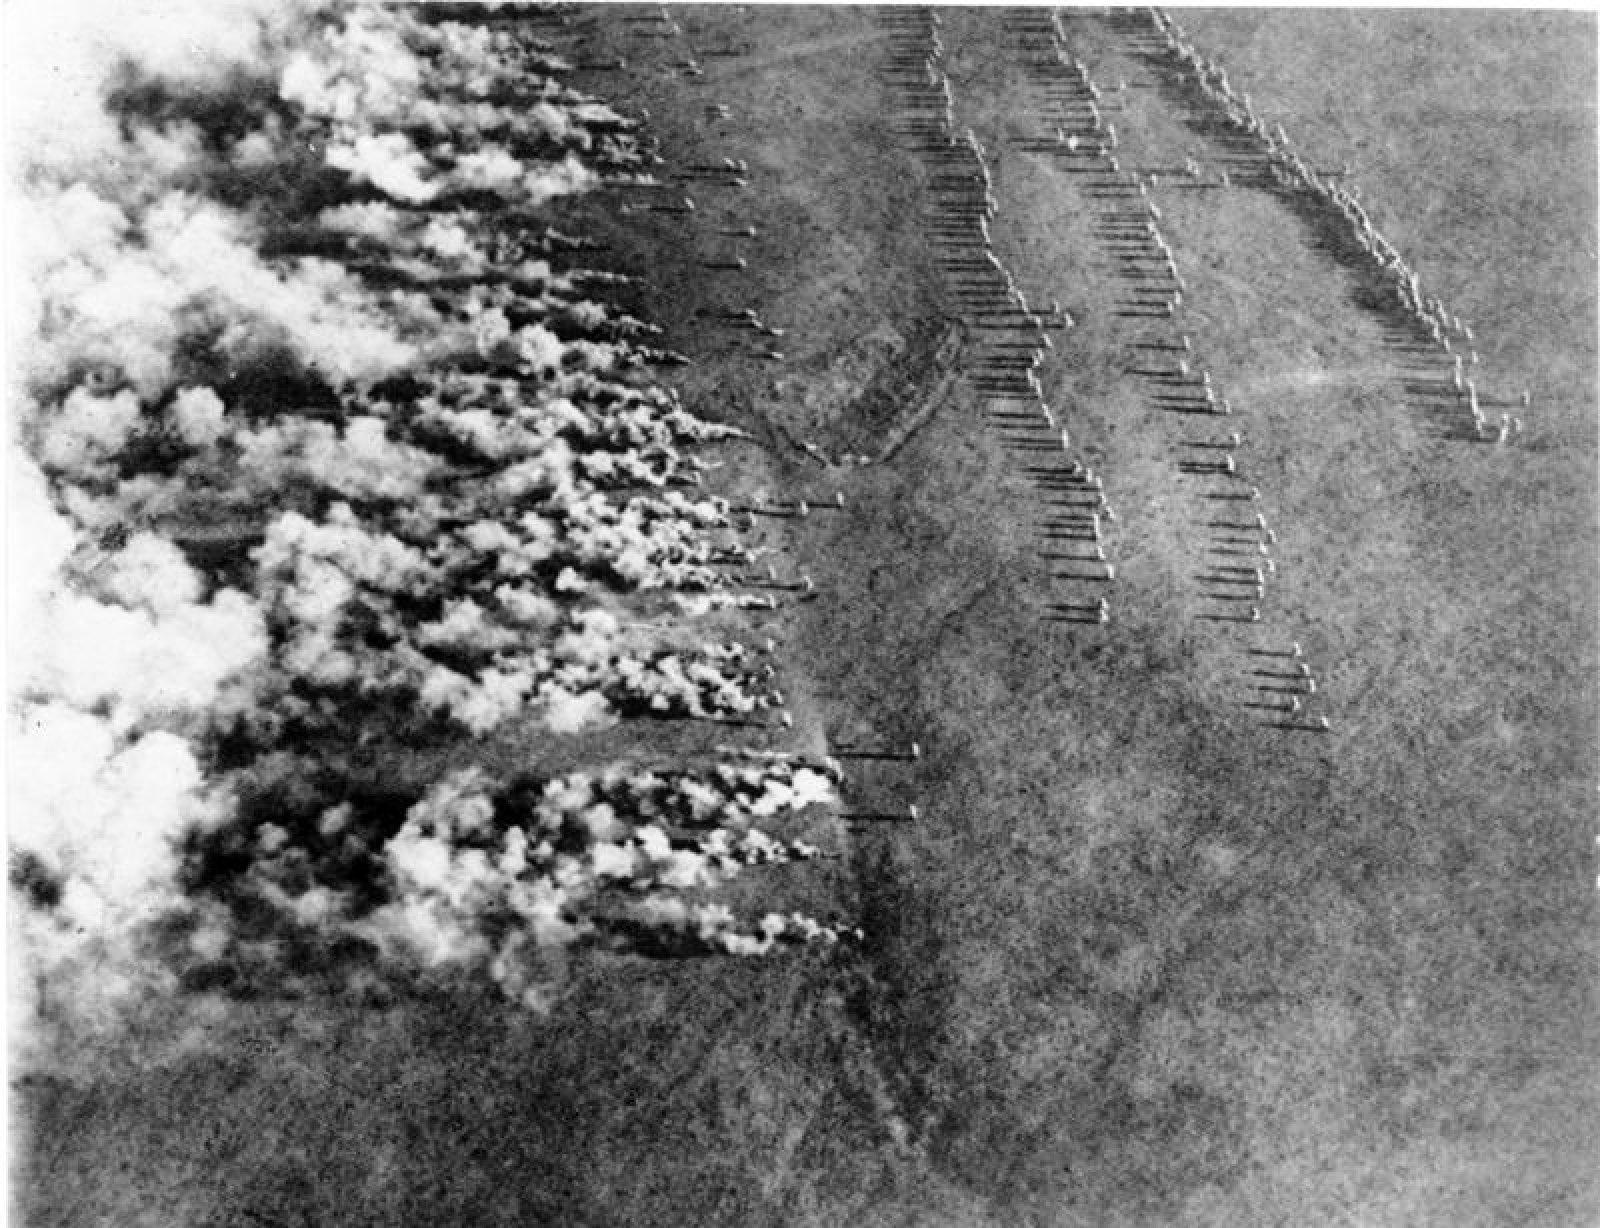 L'exèrcit alemany fent servir armes químiques durant la Primera Guerra Mundial